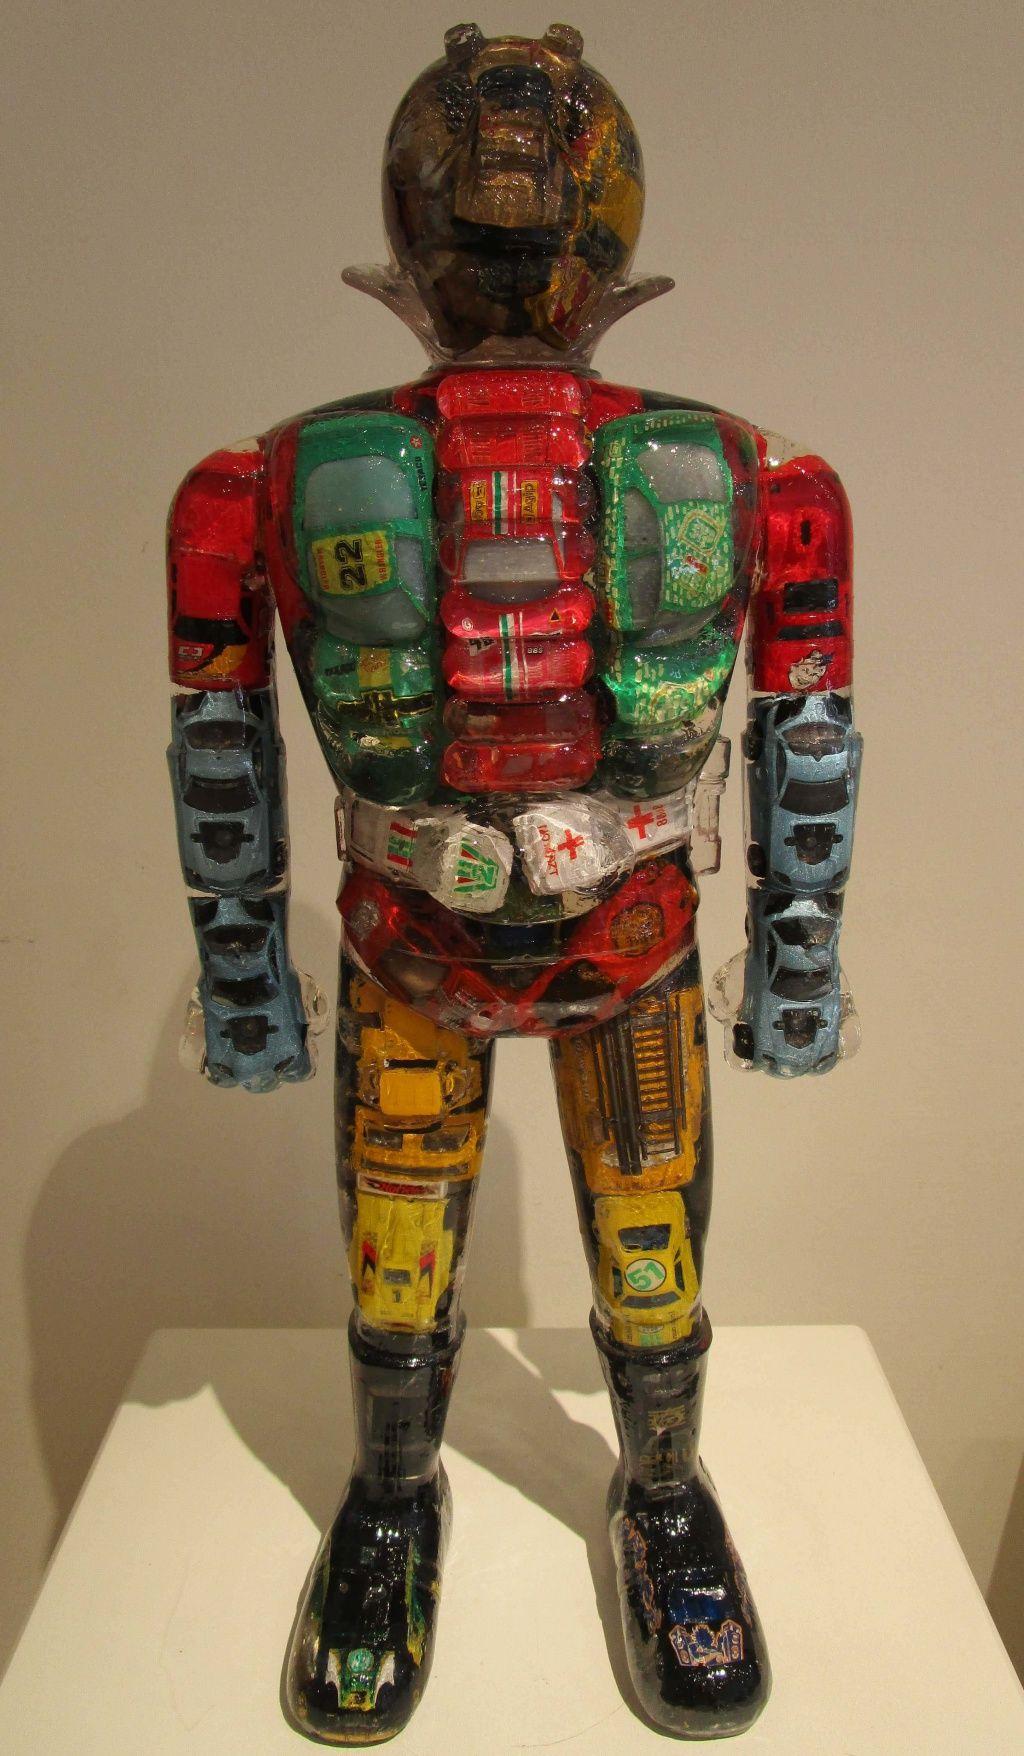 ALBEN, Super héro japonais - Voitures, 59 x 11 x 24 cm, inclusion résine. http://www.galeriealaindaudet.fr/sculptures/alben/